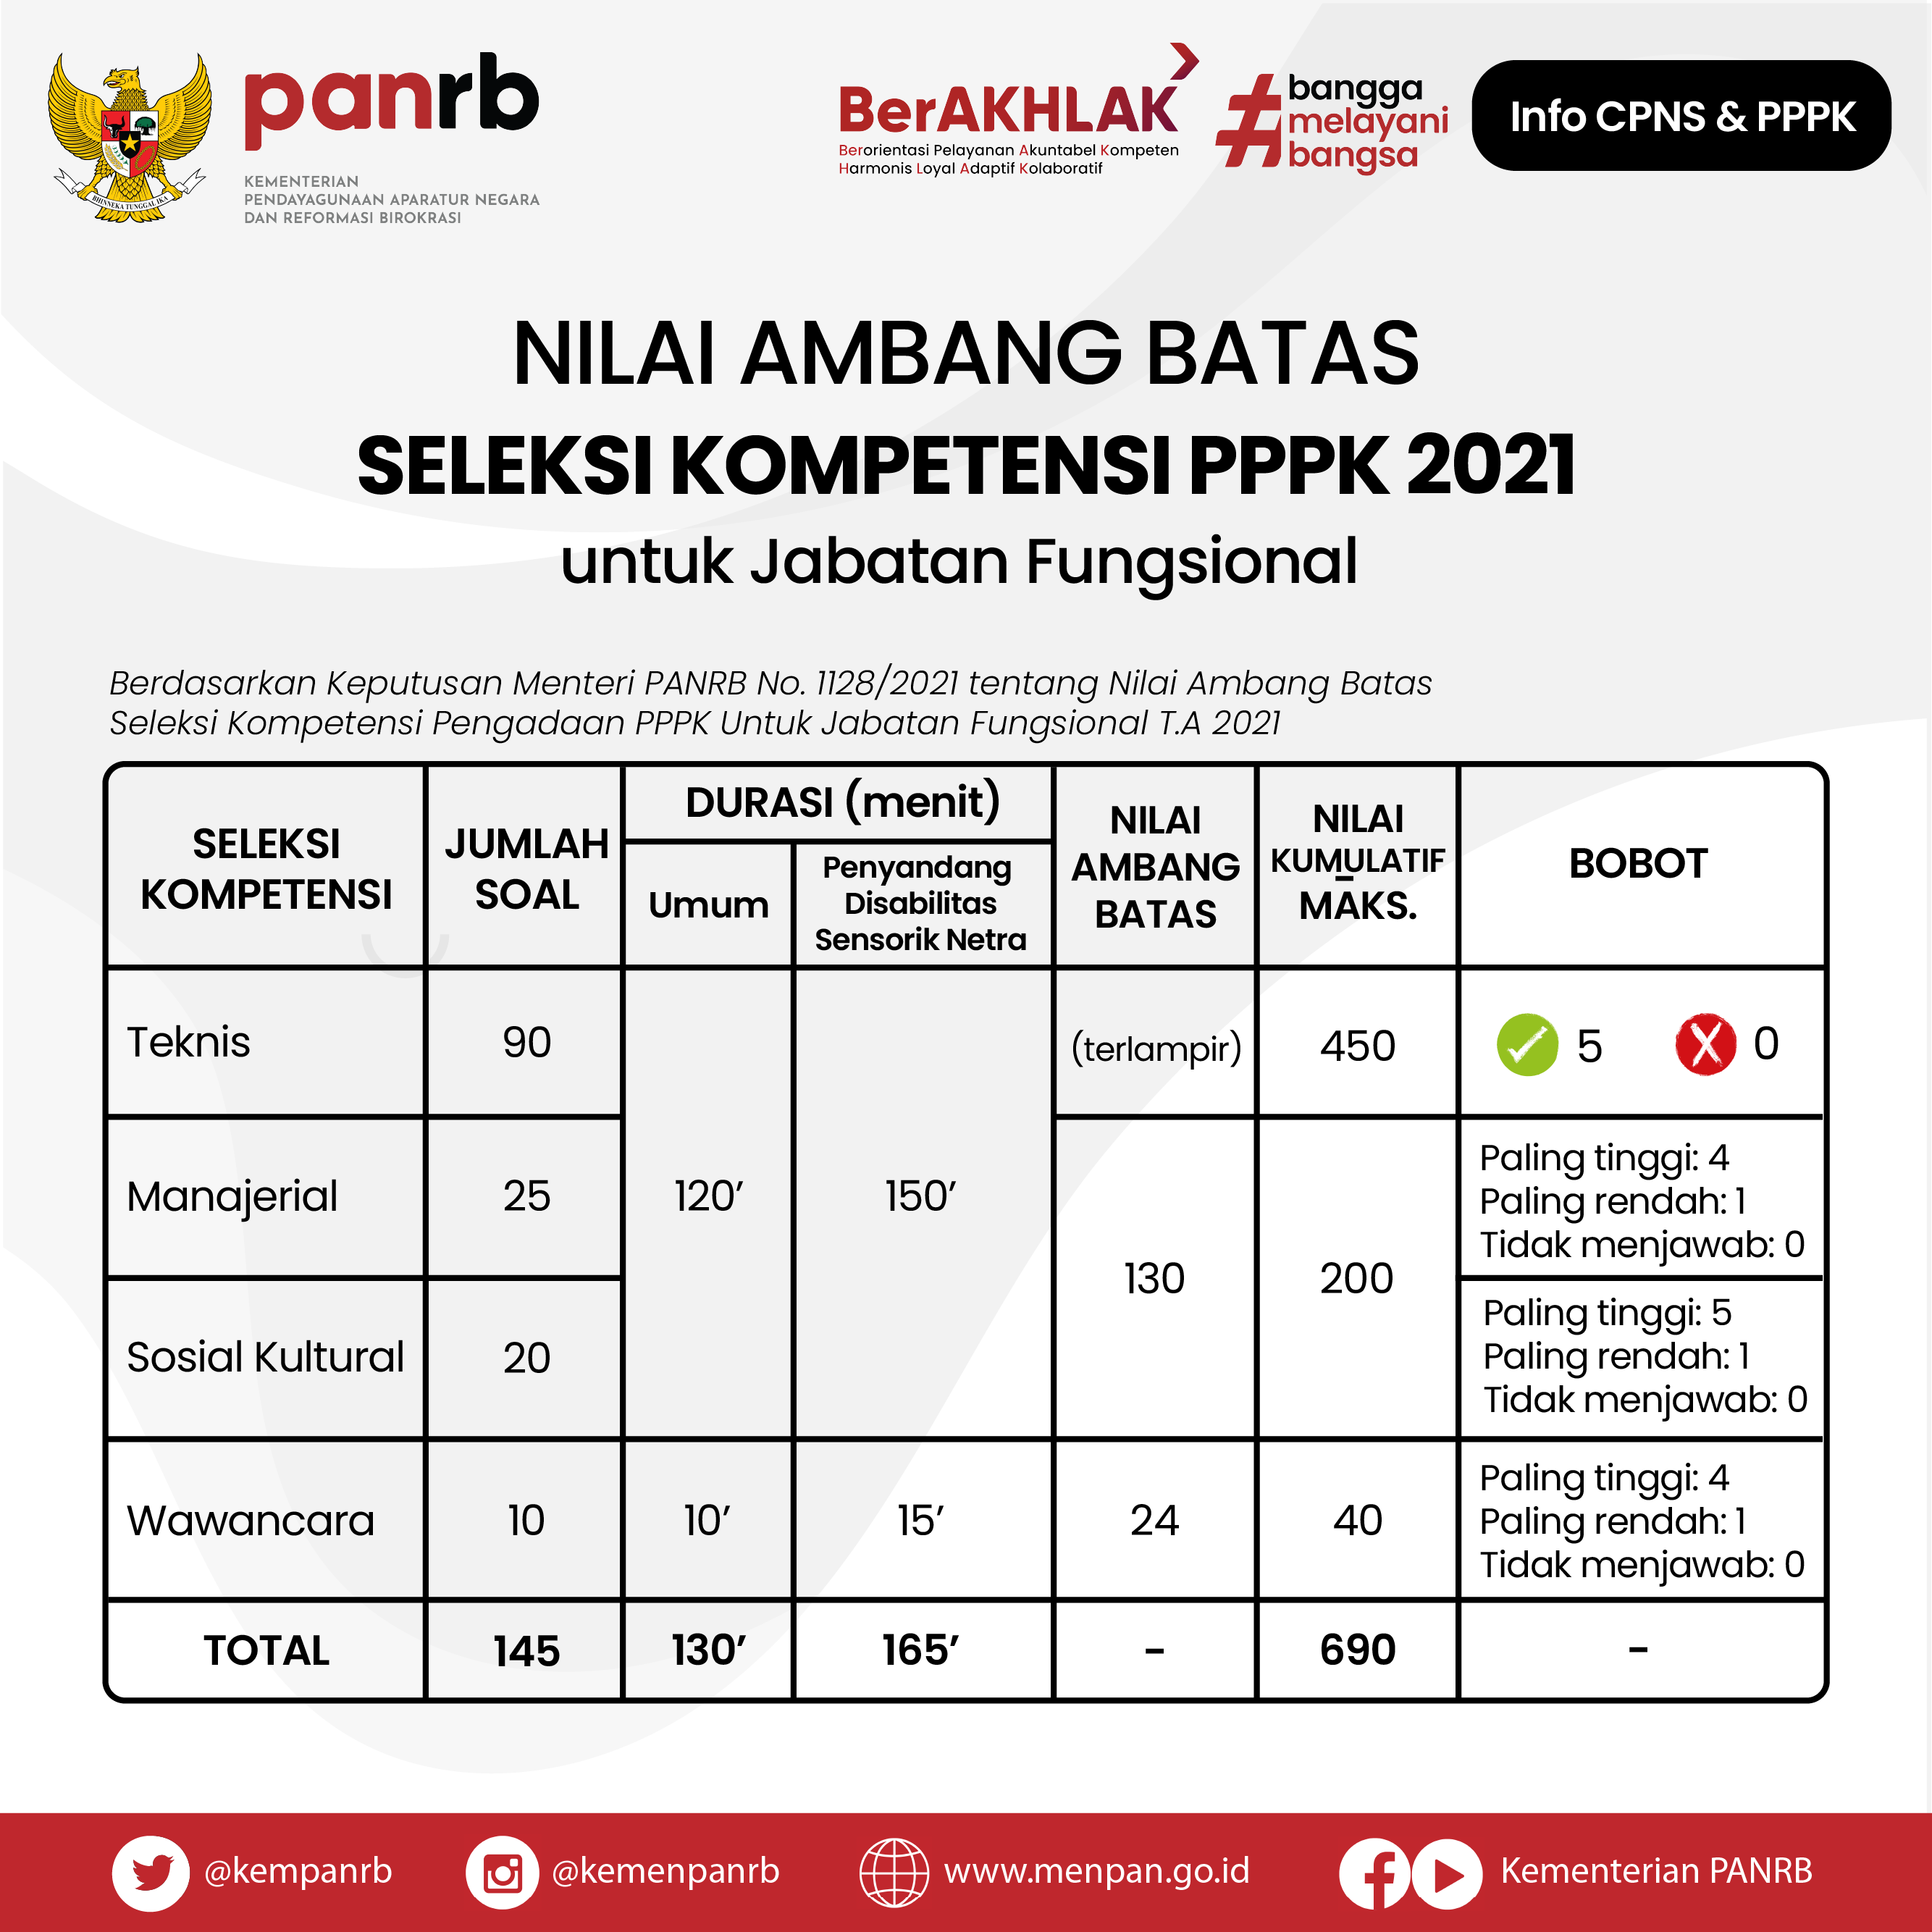 Nilai Ambang Batas Seleksi Kompetensi PPPK Non Guru 2021